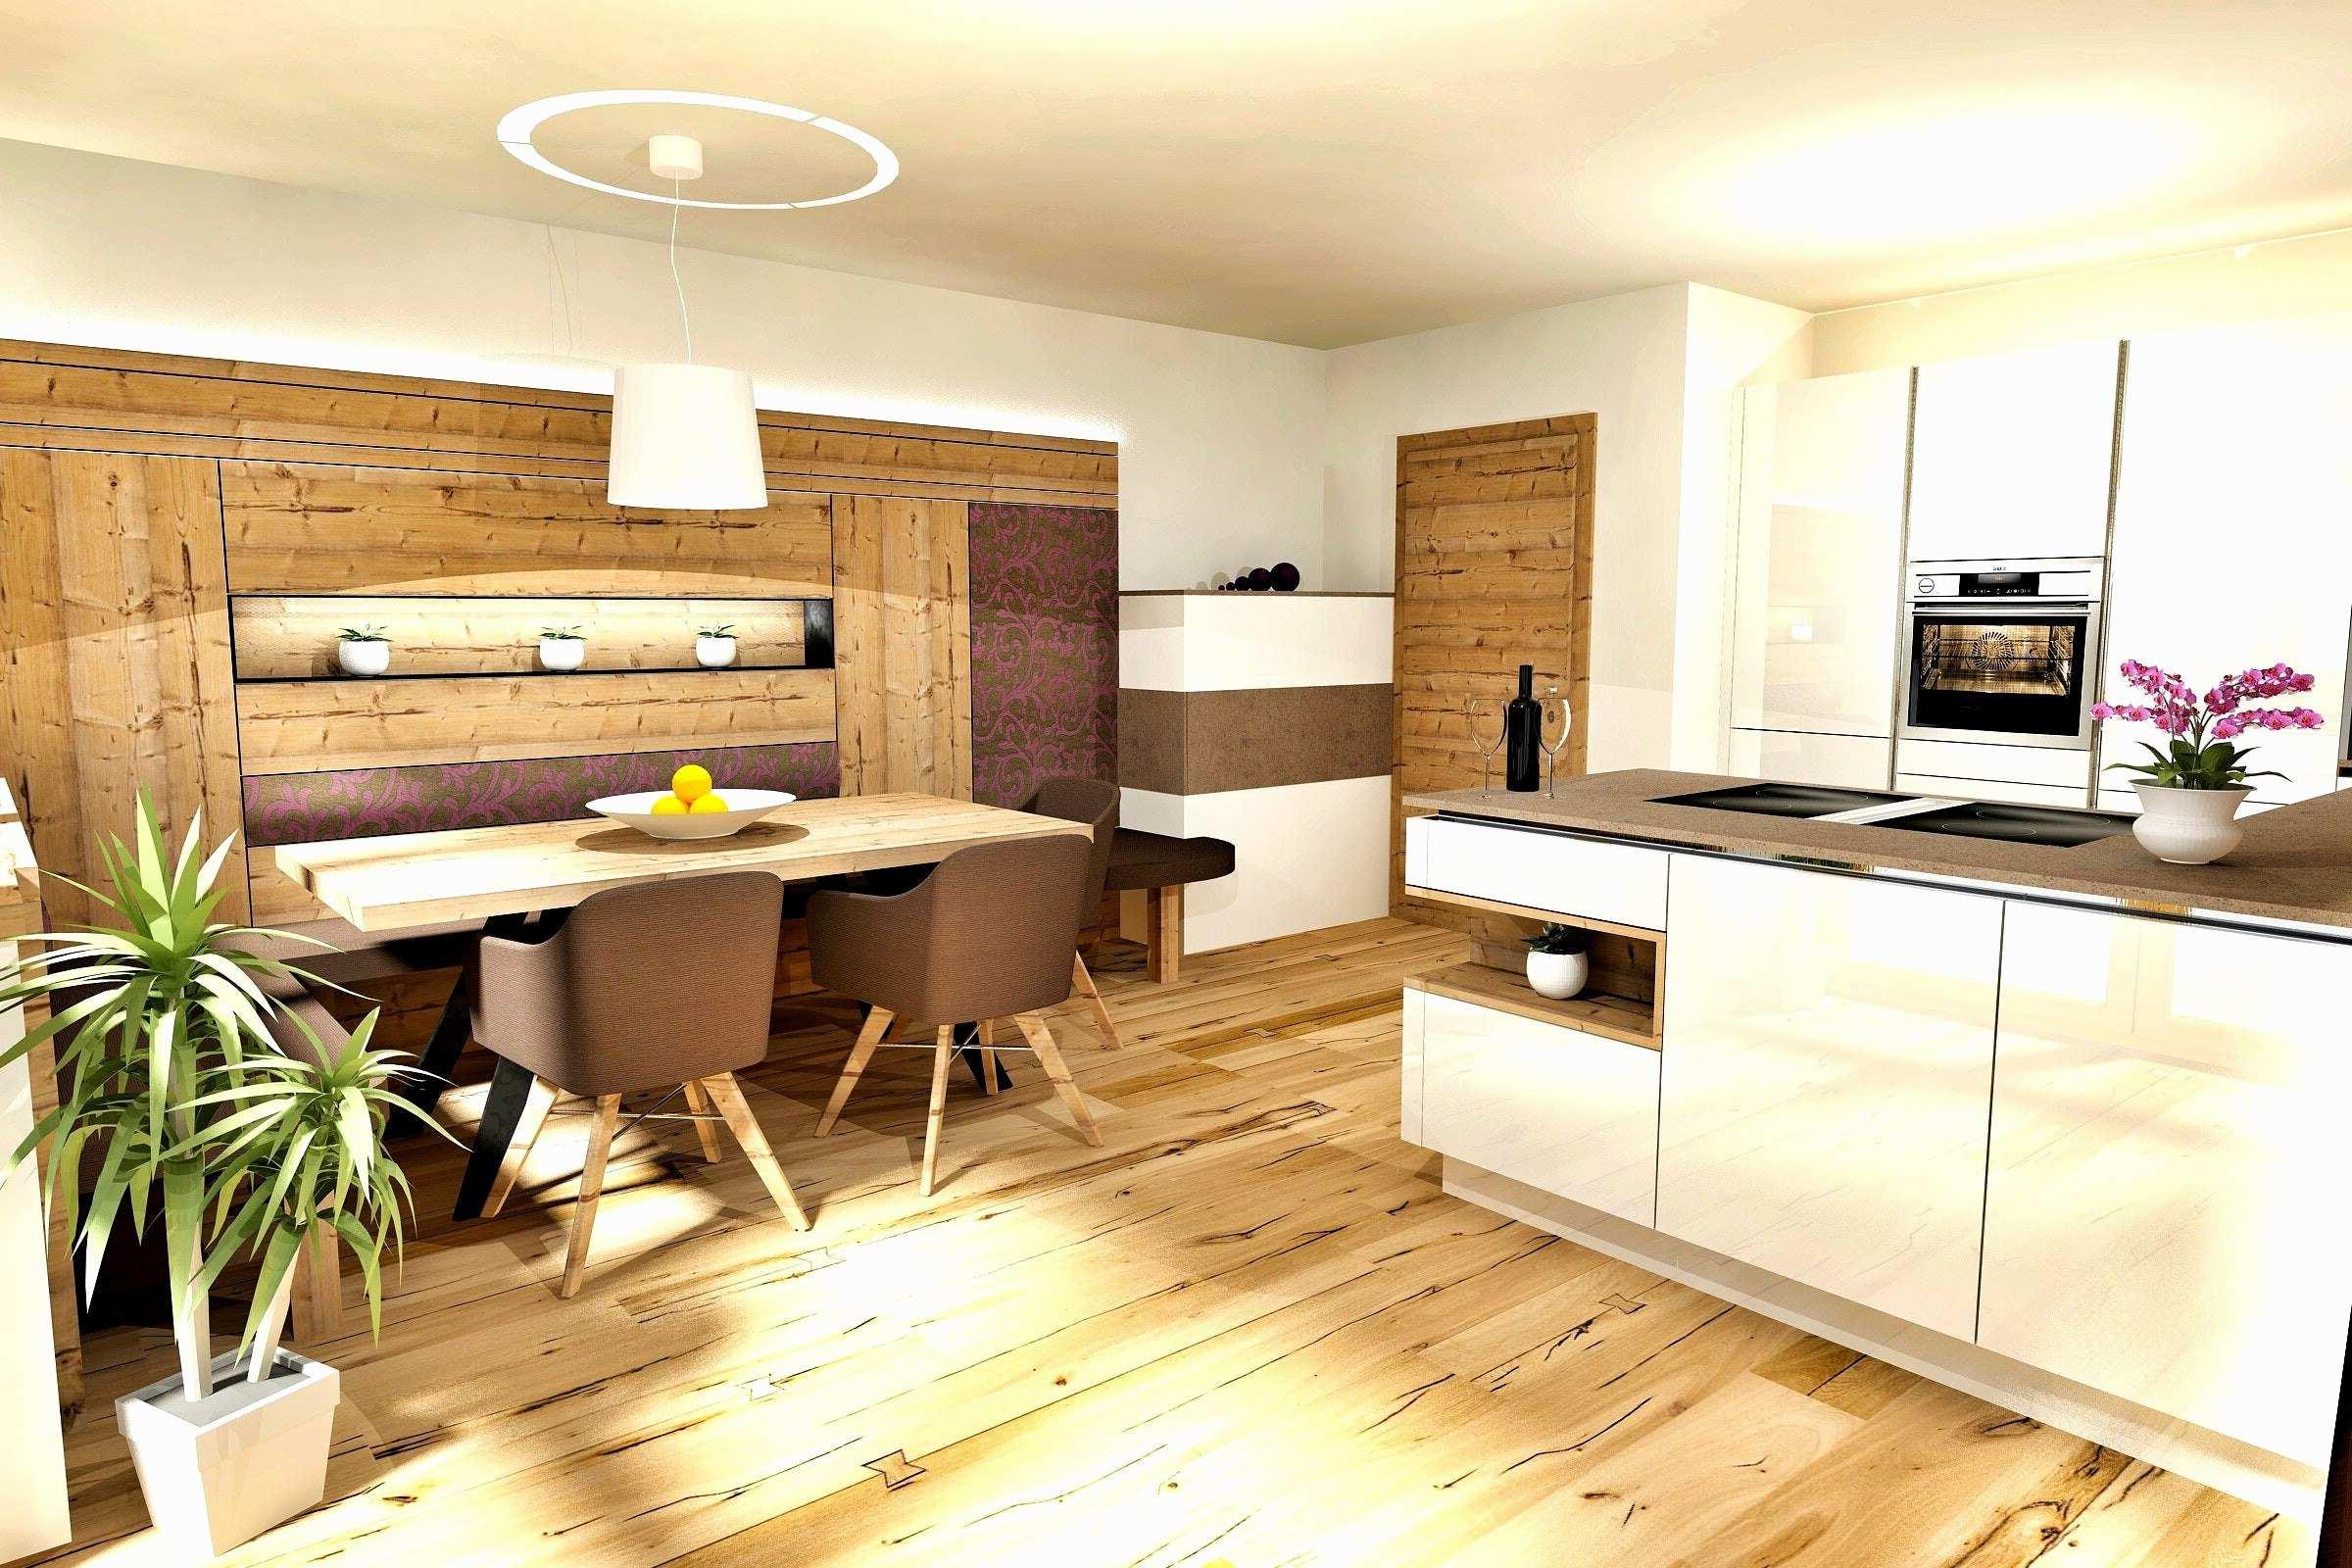 Full Size of Einbauküche Ebay Frisch Awesome Gebrauchte Einbauküche Küche Gebrauchte Einbauküche